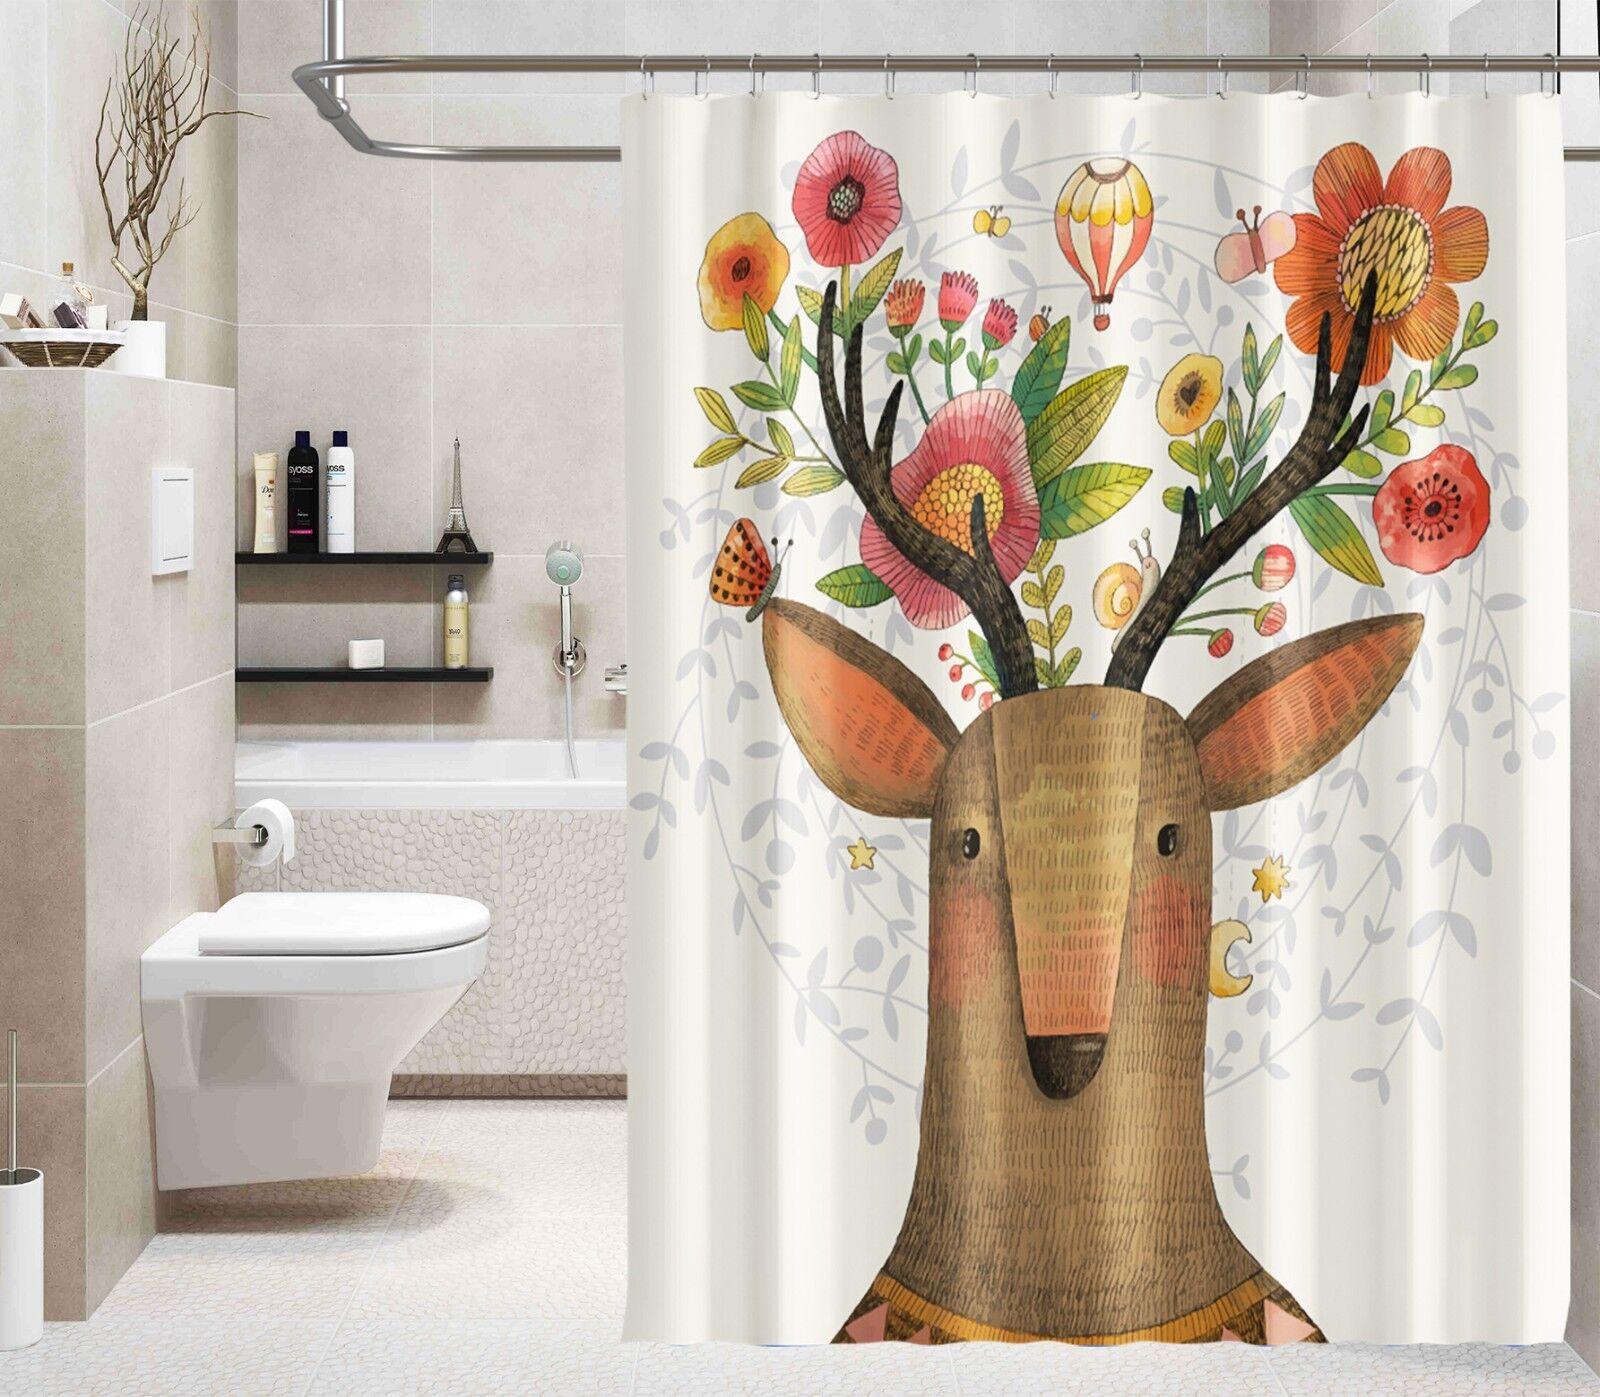 3D Blaume Hirsch 23 Duschvorhang Wasserdicht Faser Bad Daheim Windows Toilette DE | Spielzeug mit kindlichen Herzen herstellen